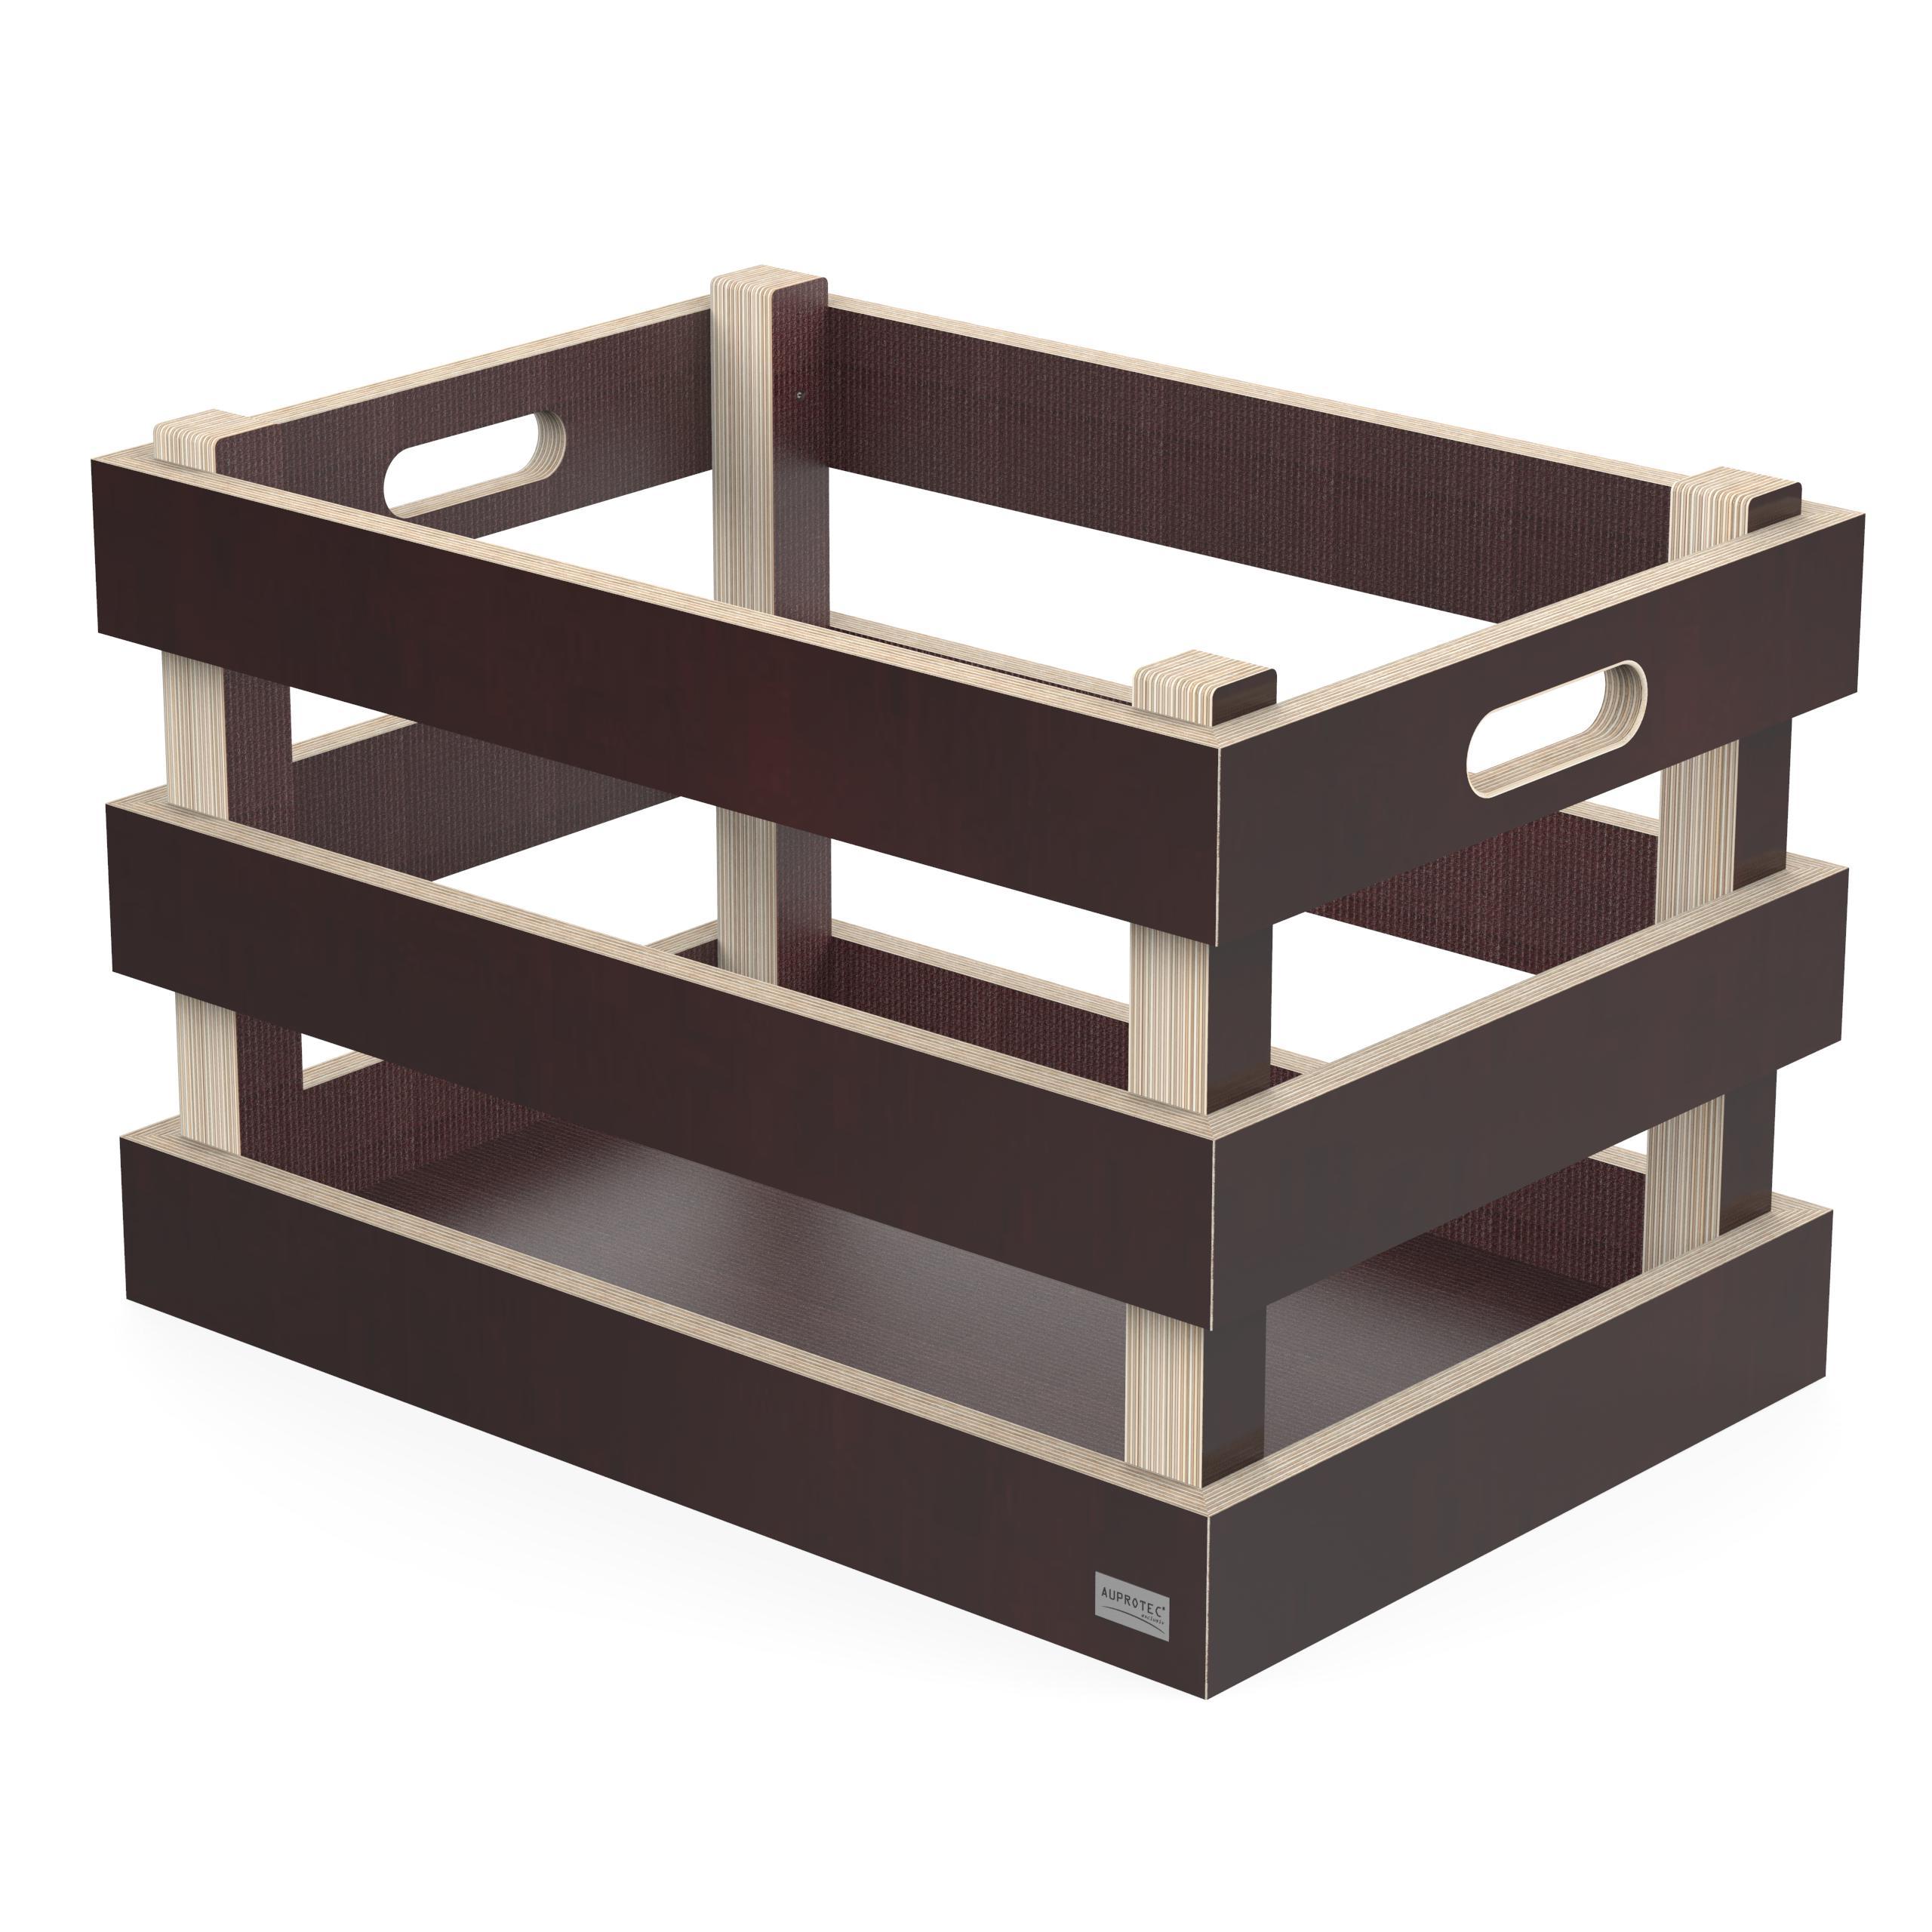 Siebdruckplatte 24mm Zuschnitt Multiplex Birke Holz Bodenplatte 30x90 cm